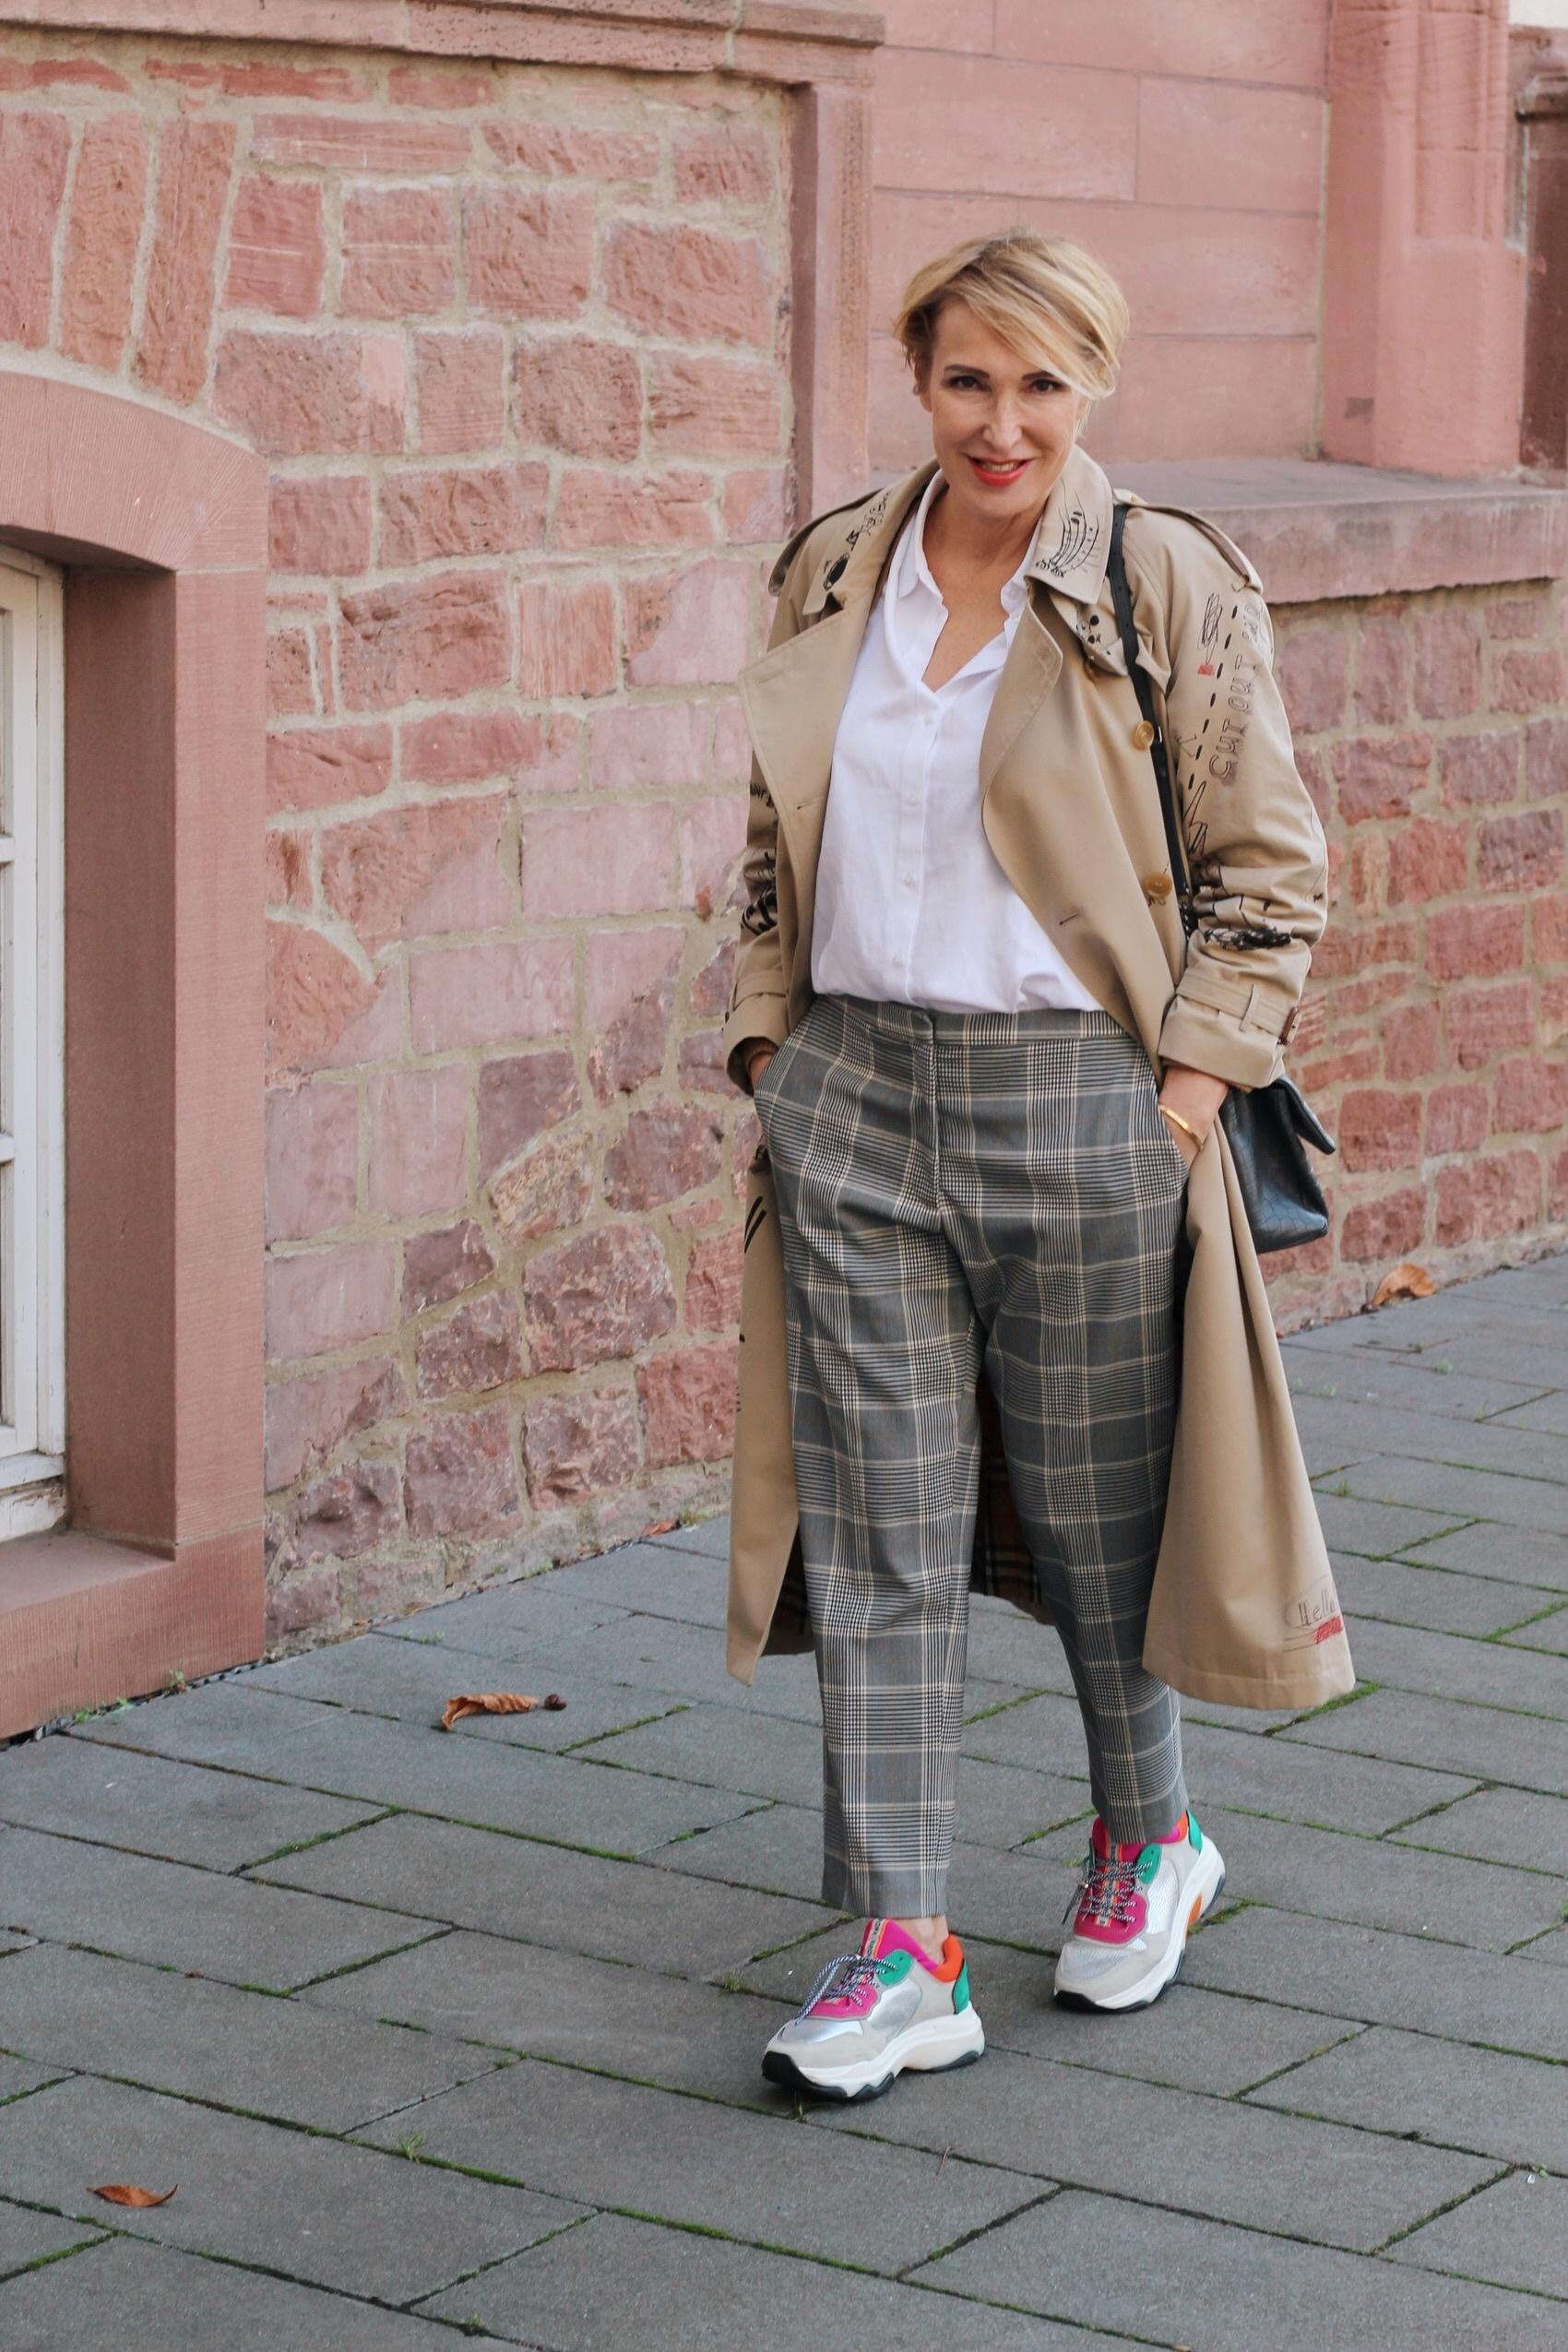 glamupyourlifestyle sneakers ugly-sneakers globige-sneakers trends radlerhose bauchtasche ü-40-blog -50-blog